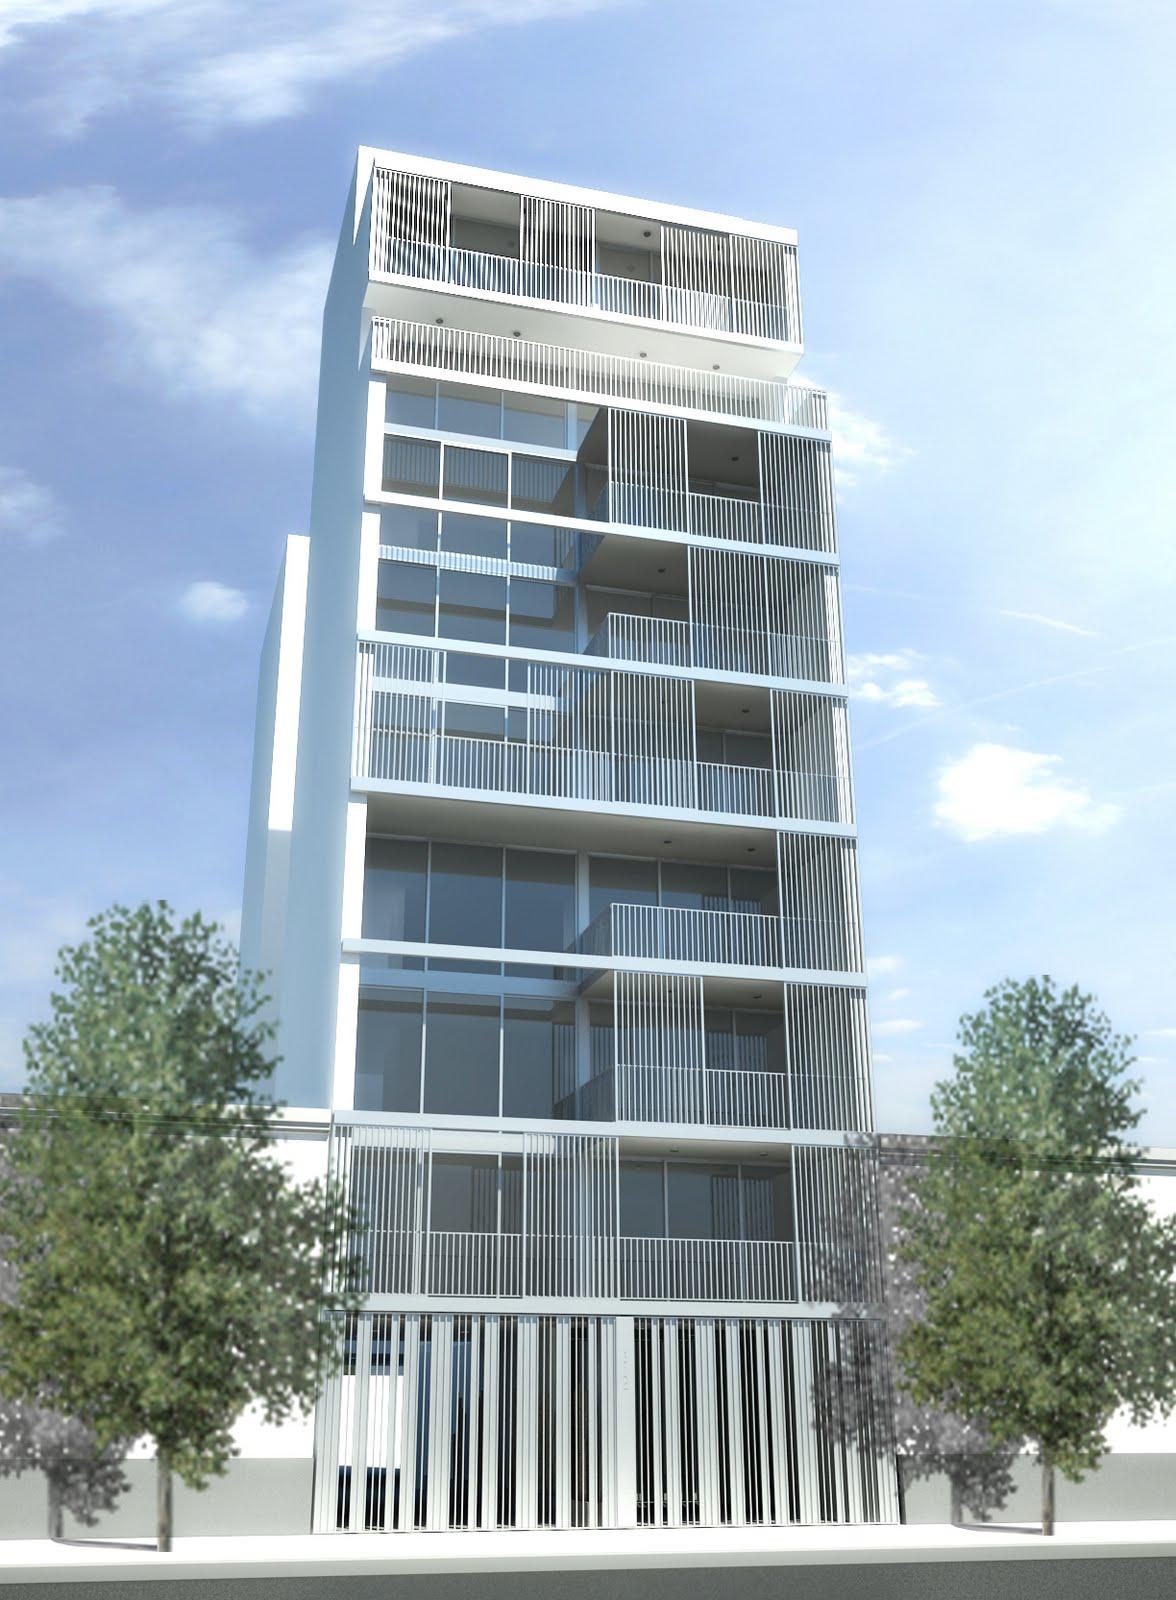 Arquitectura arquidea nuevo proyecto de arquitectura for Proyectos minimalistas